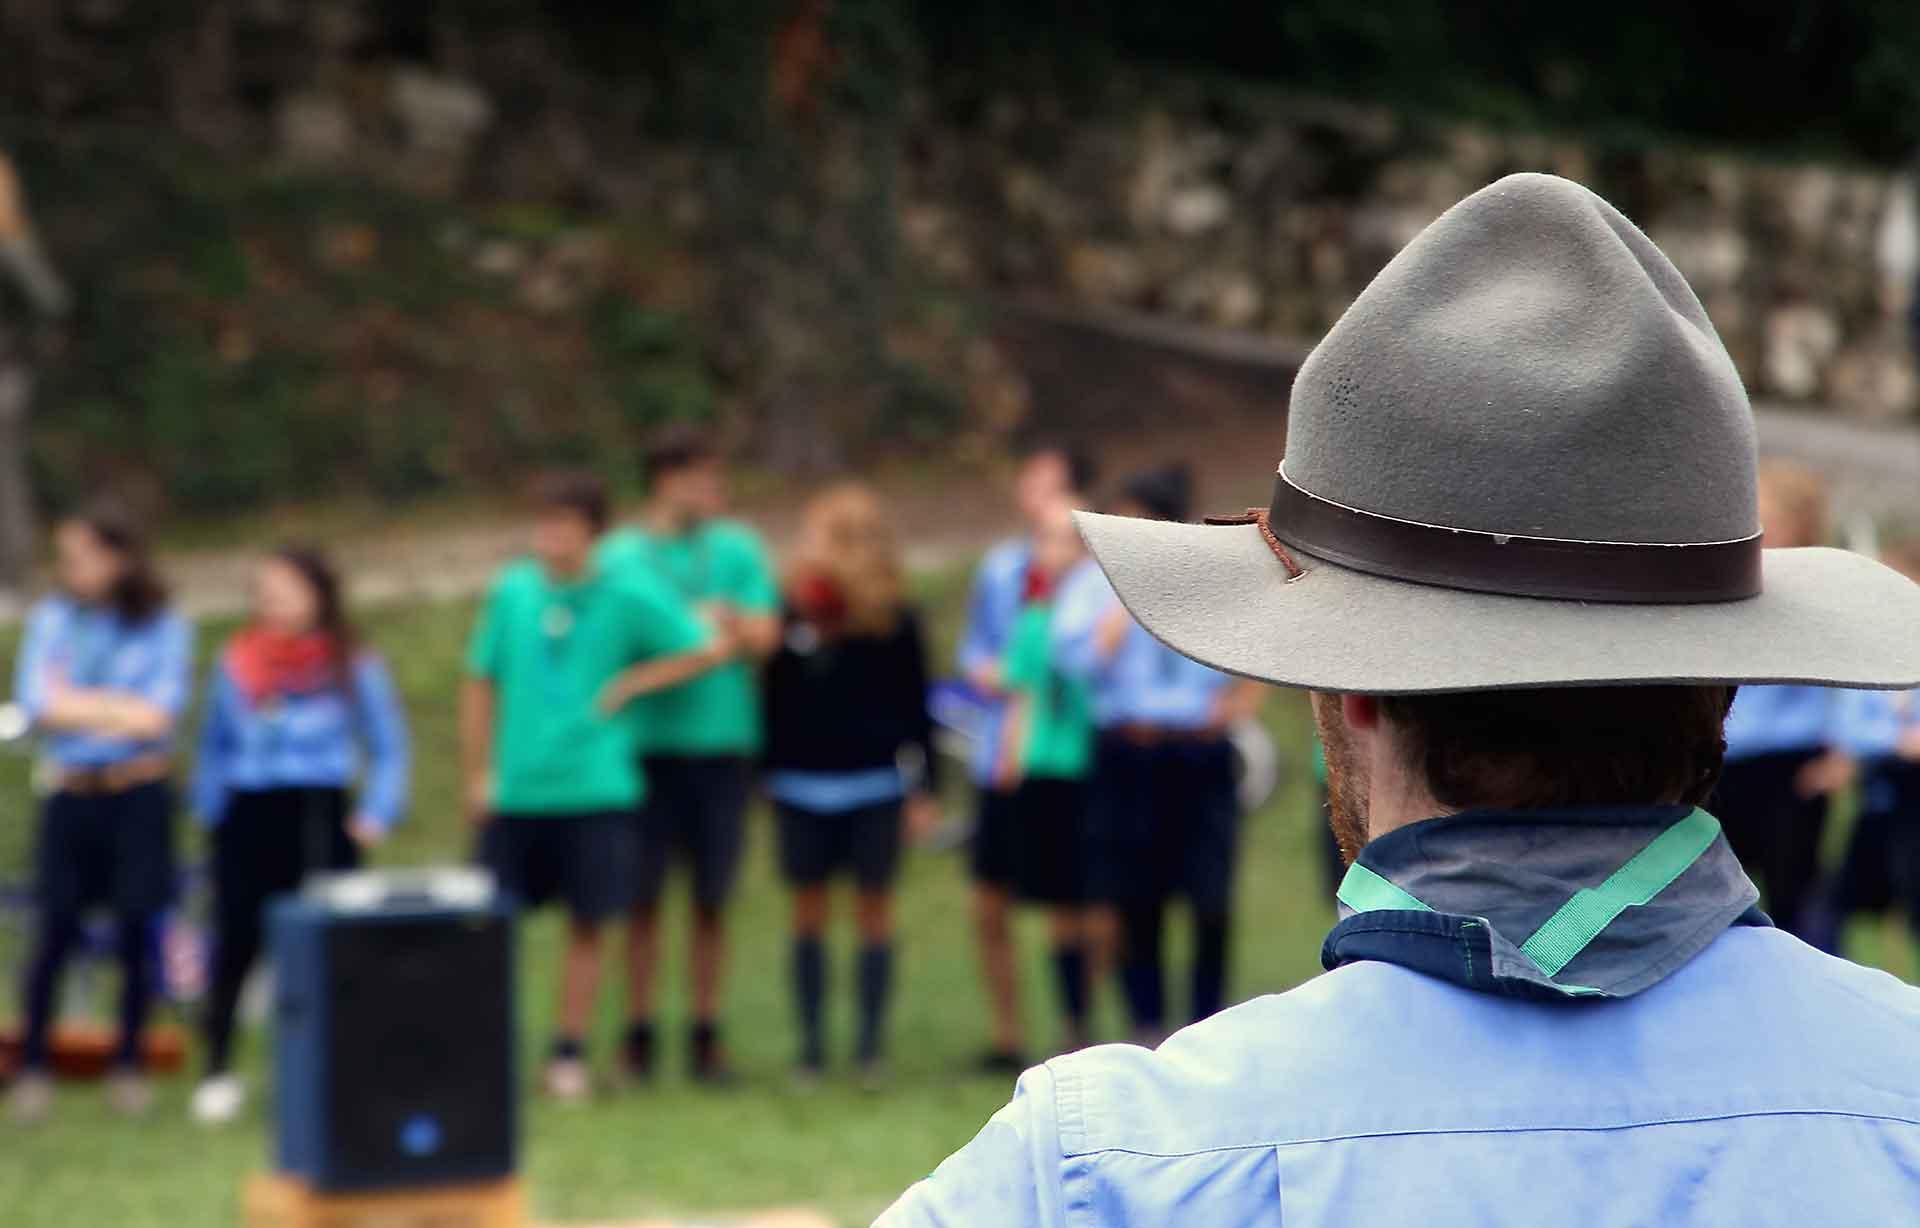 Spraakmakende strafzaken - Ontucht scoutingbegeleider